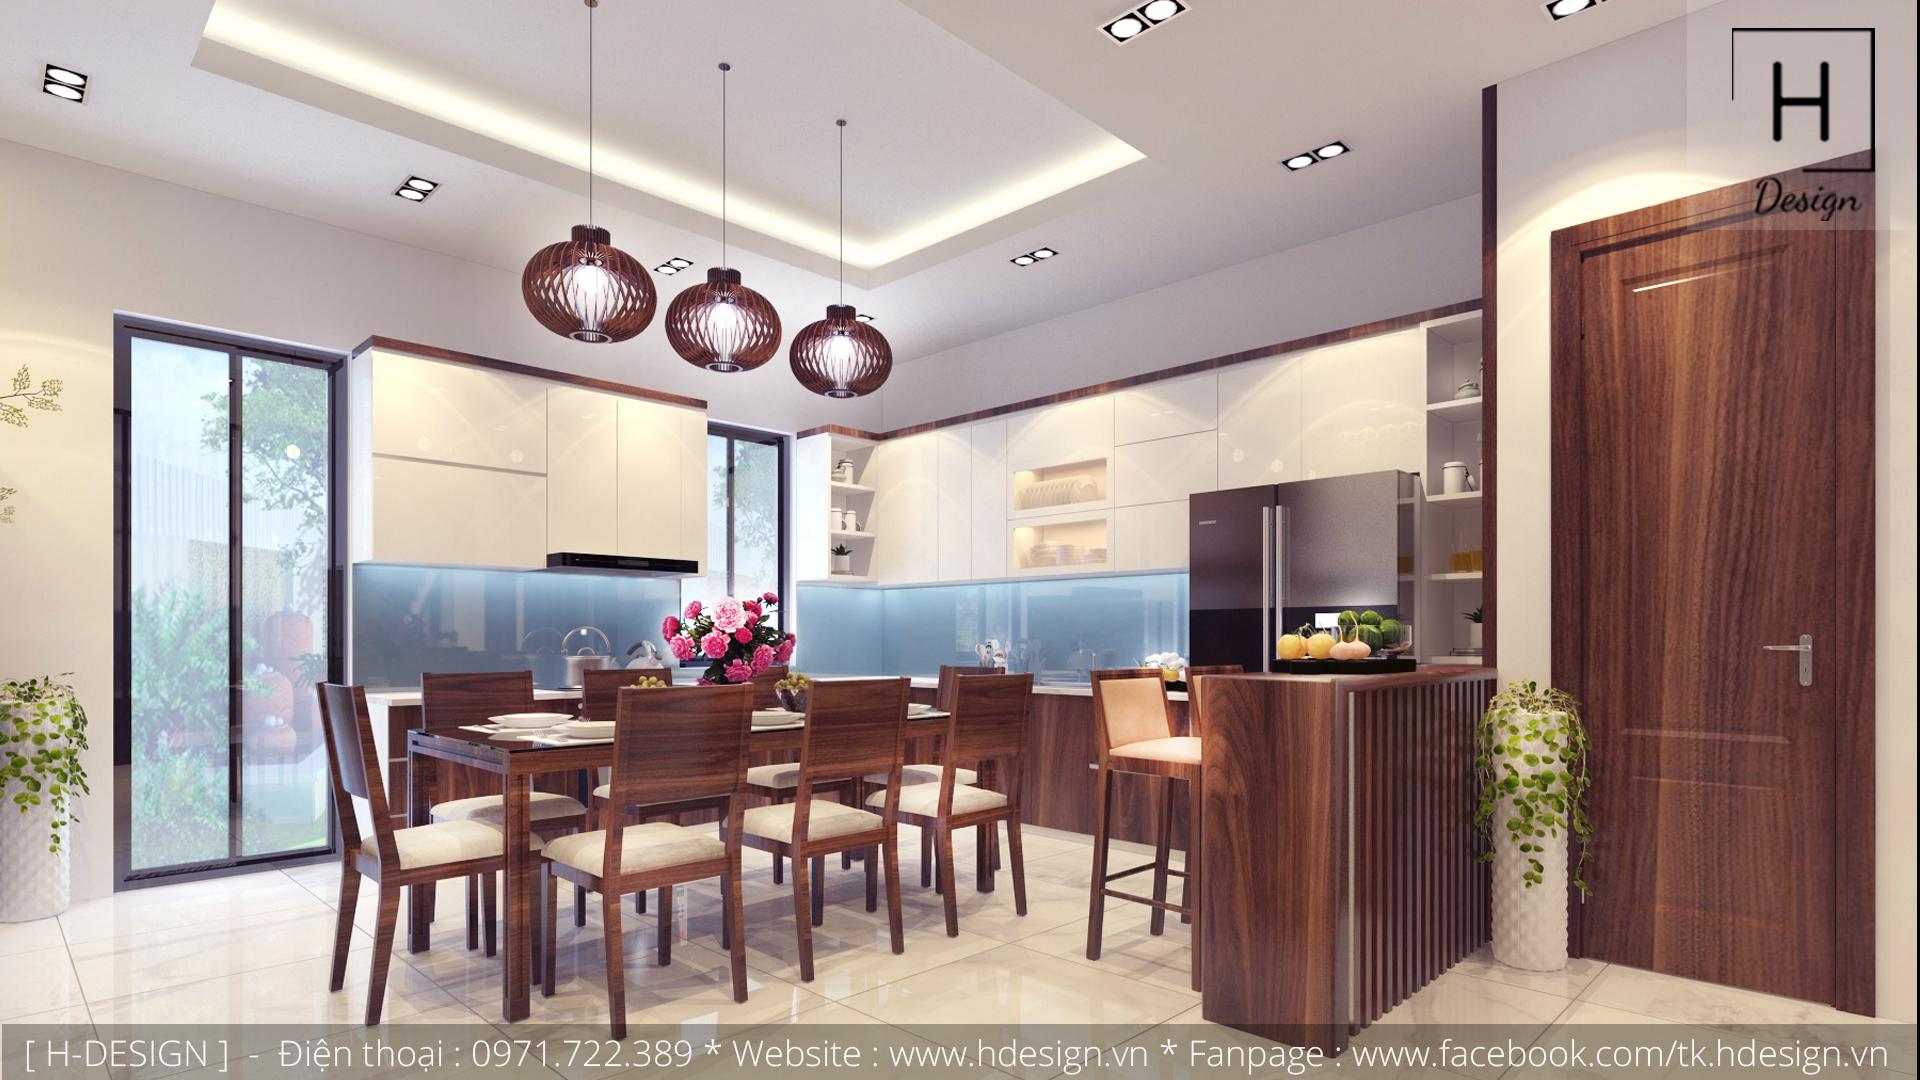 Thiết kế thi công nội thất nhà phố đẹp tại Tây Hồ - Hà Nội 4